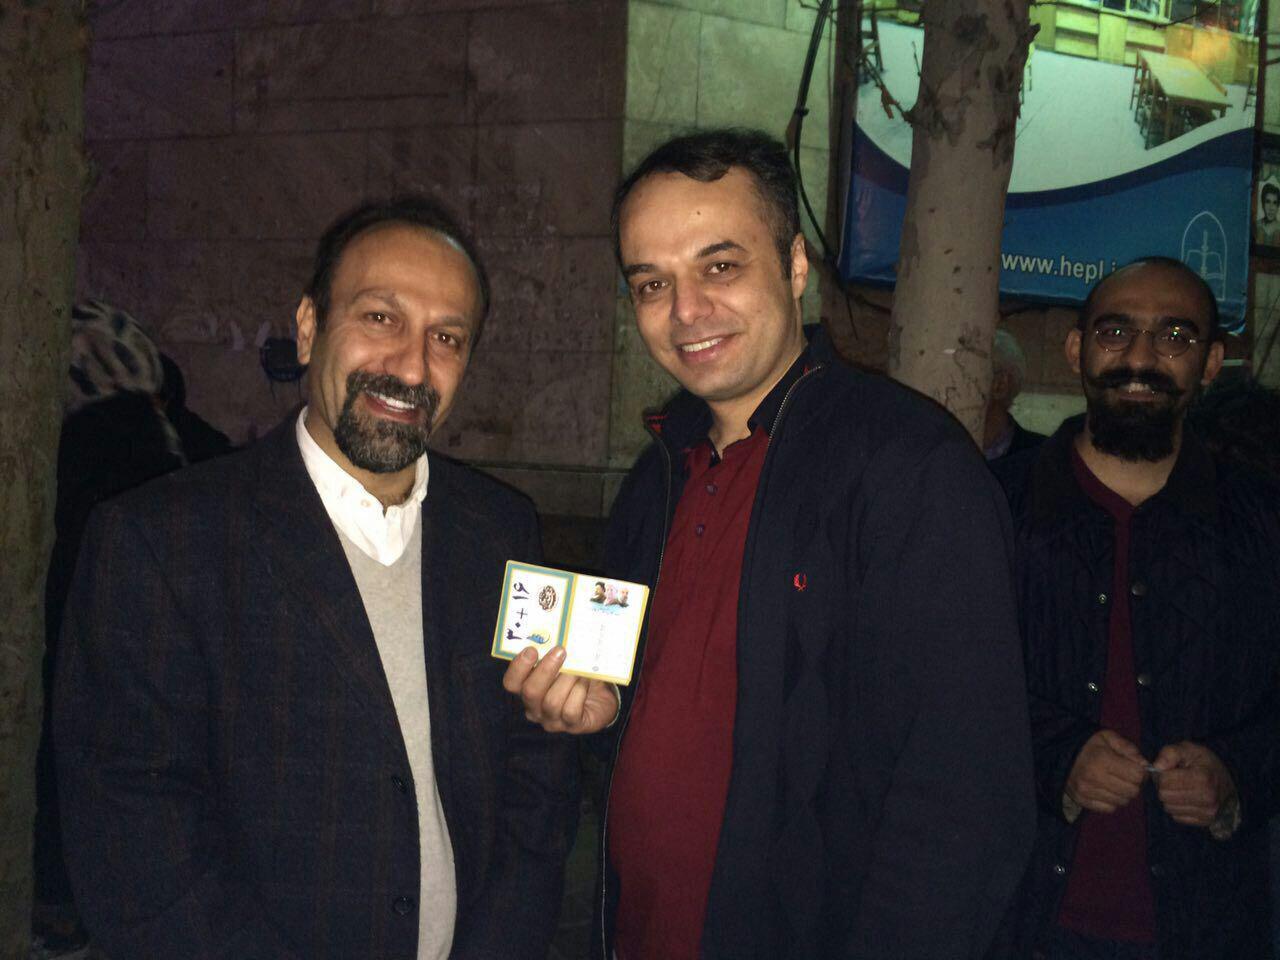 اصغر فرهادی رای خود را به صندوق انداخت (عکس)